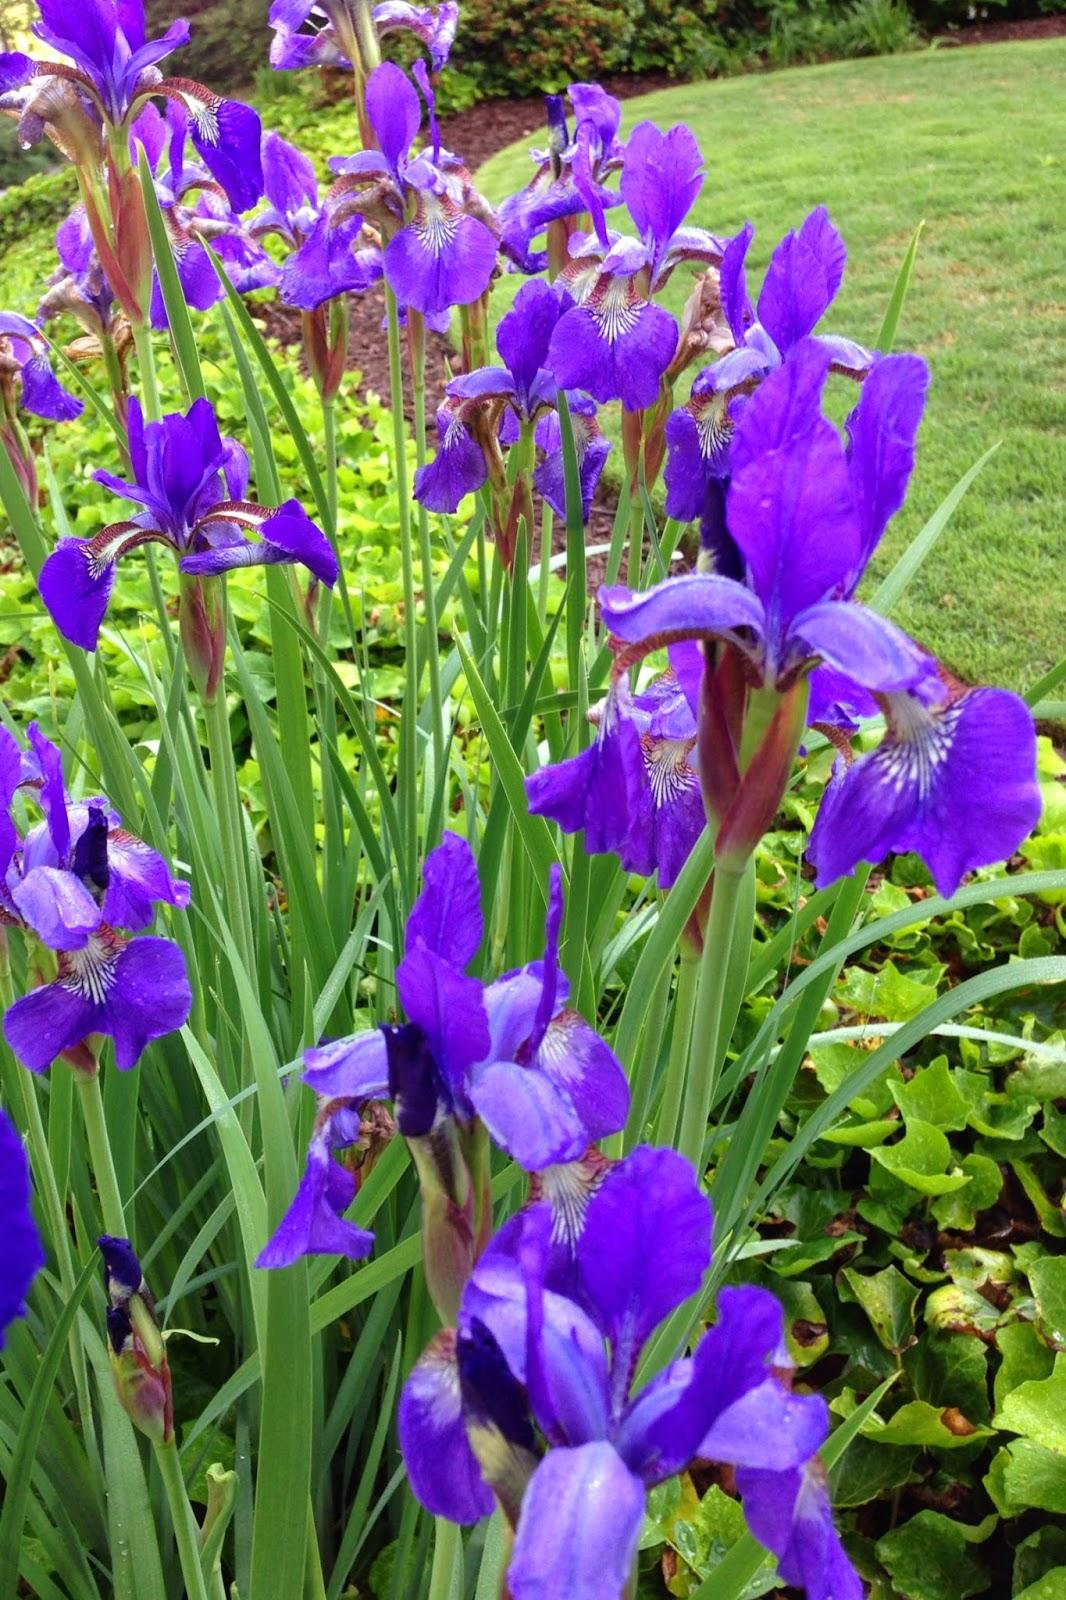 bluemopheads Iris